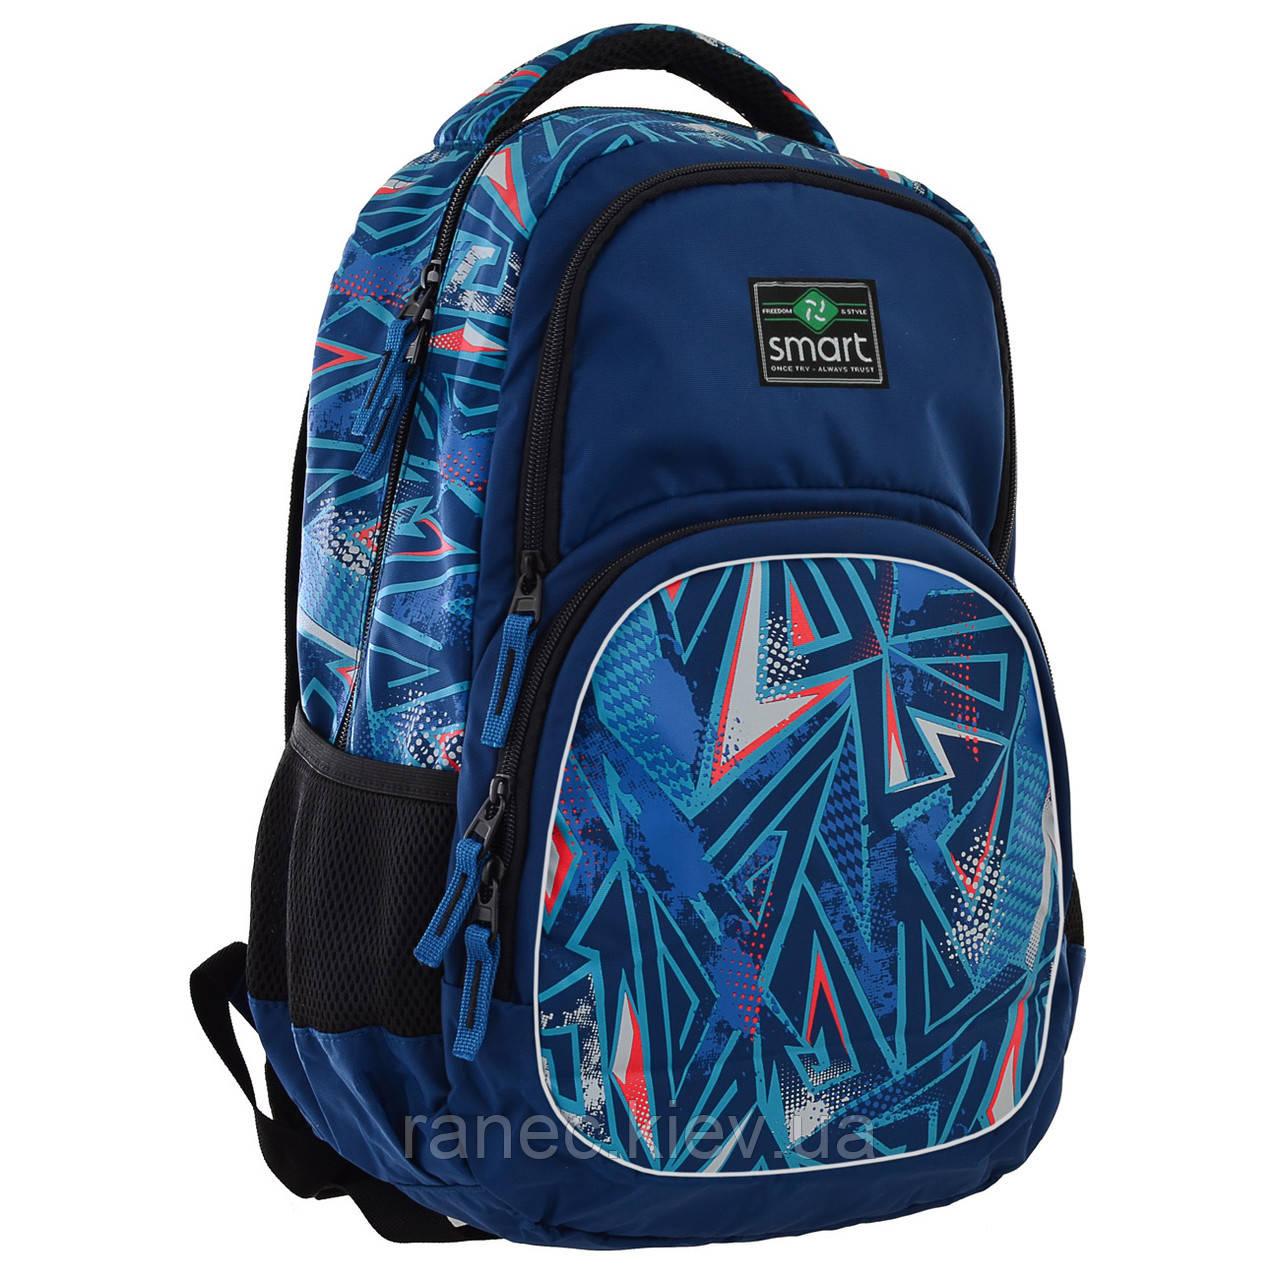 Рюкзак школьный SG-26 Arrow 557121 Smart